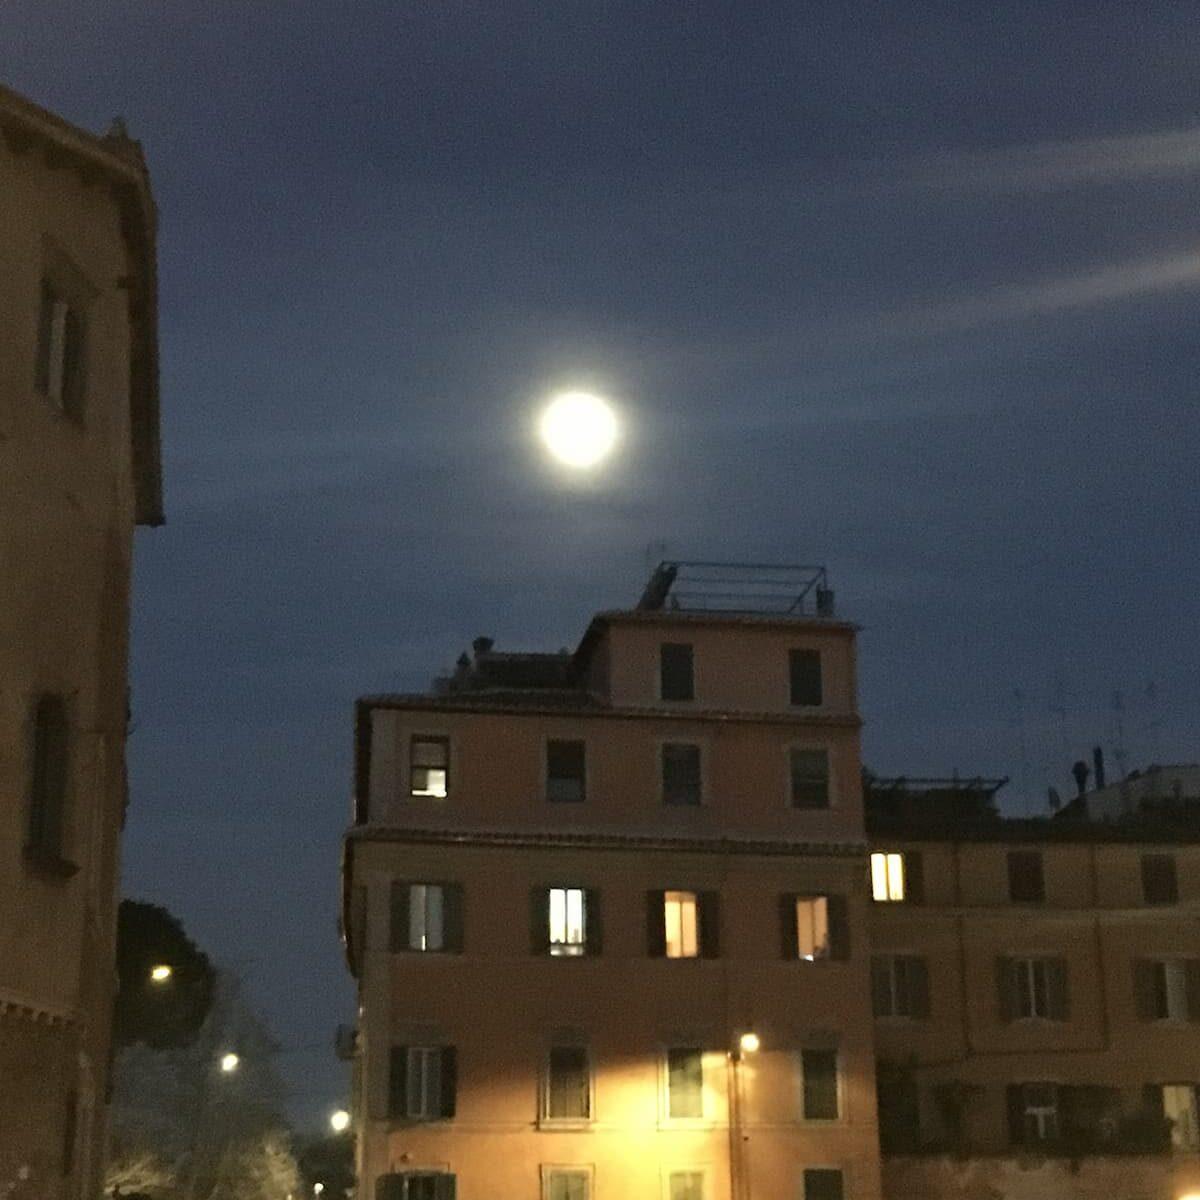 """Amore, che fine ha fatto? """"Col consenso scritto passa la voglia"""". In cielo, c'è la luna piena, abbandonatevi.Ma andate a letto presto, stanotte si dorme un'ora in meno"""